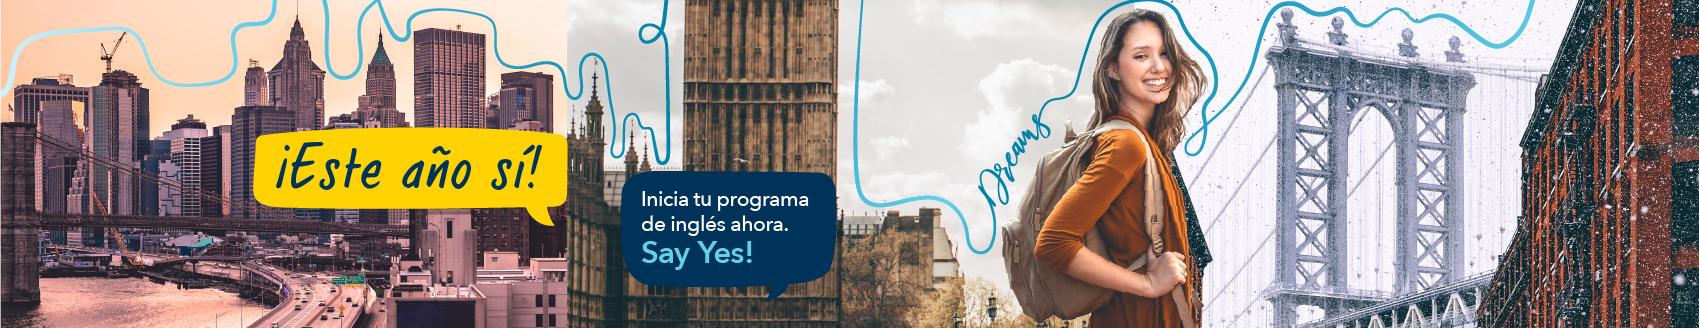 Campaña 2020 banner Web Aliansas Claro Dic19 1